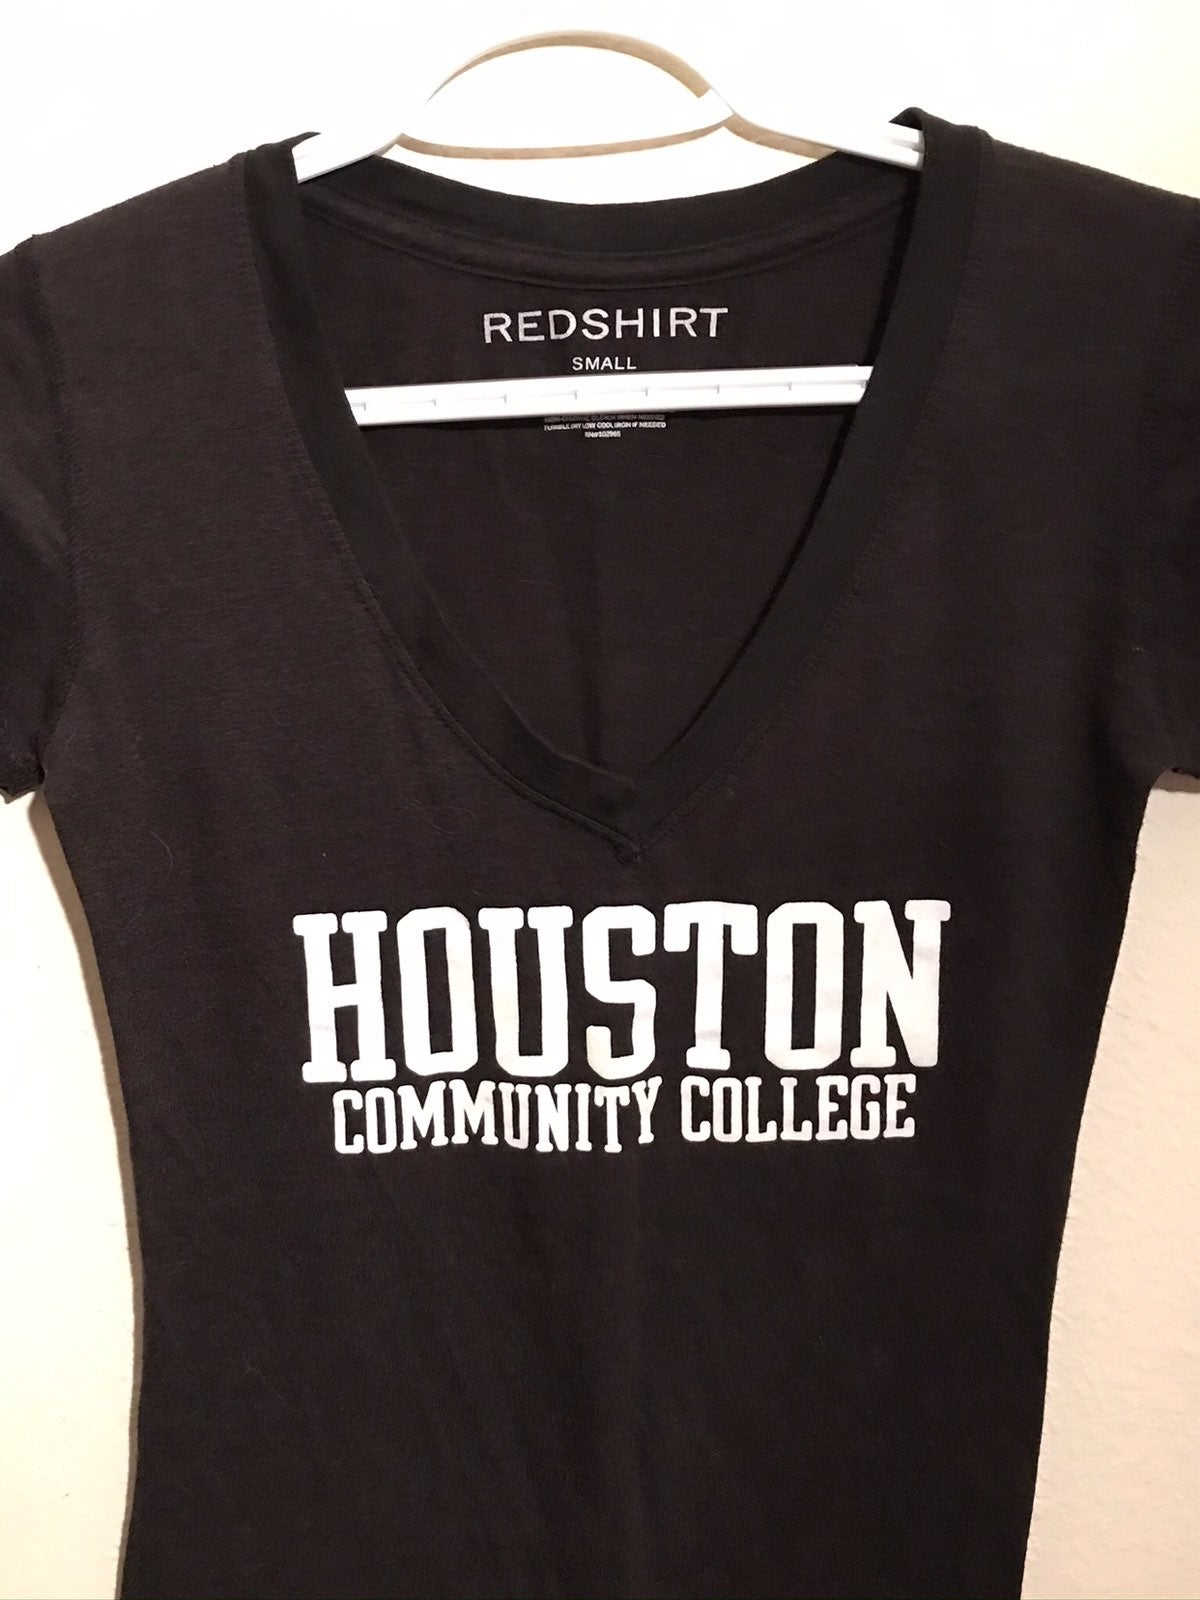 Redshirt college tee